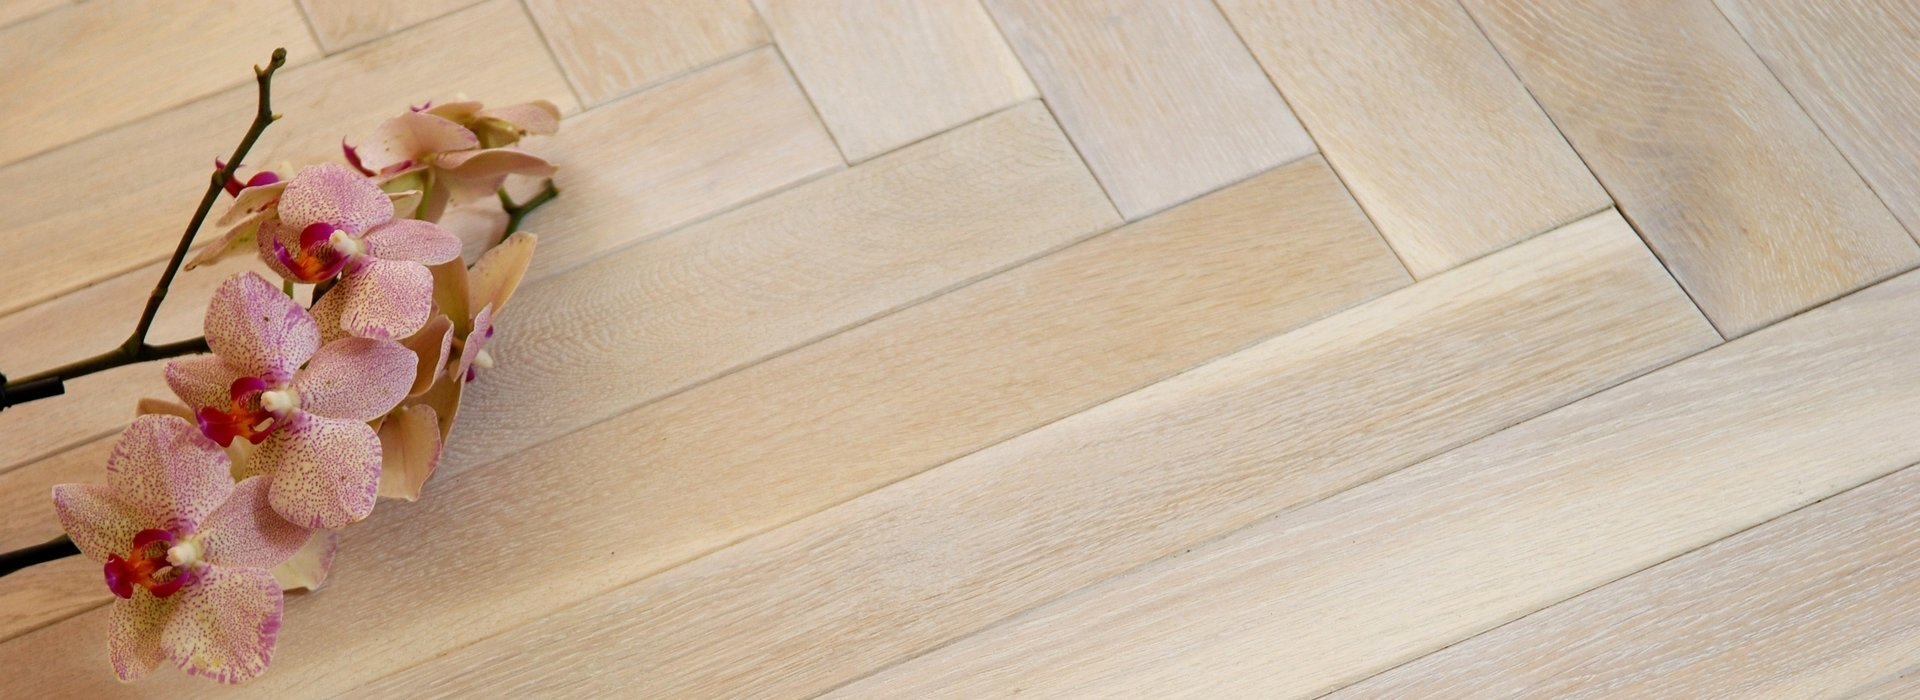 Parquet webshop in Budapest – Budapest parquet flooring